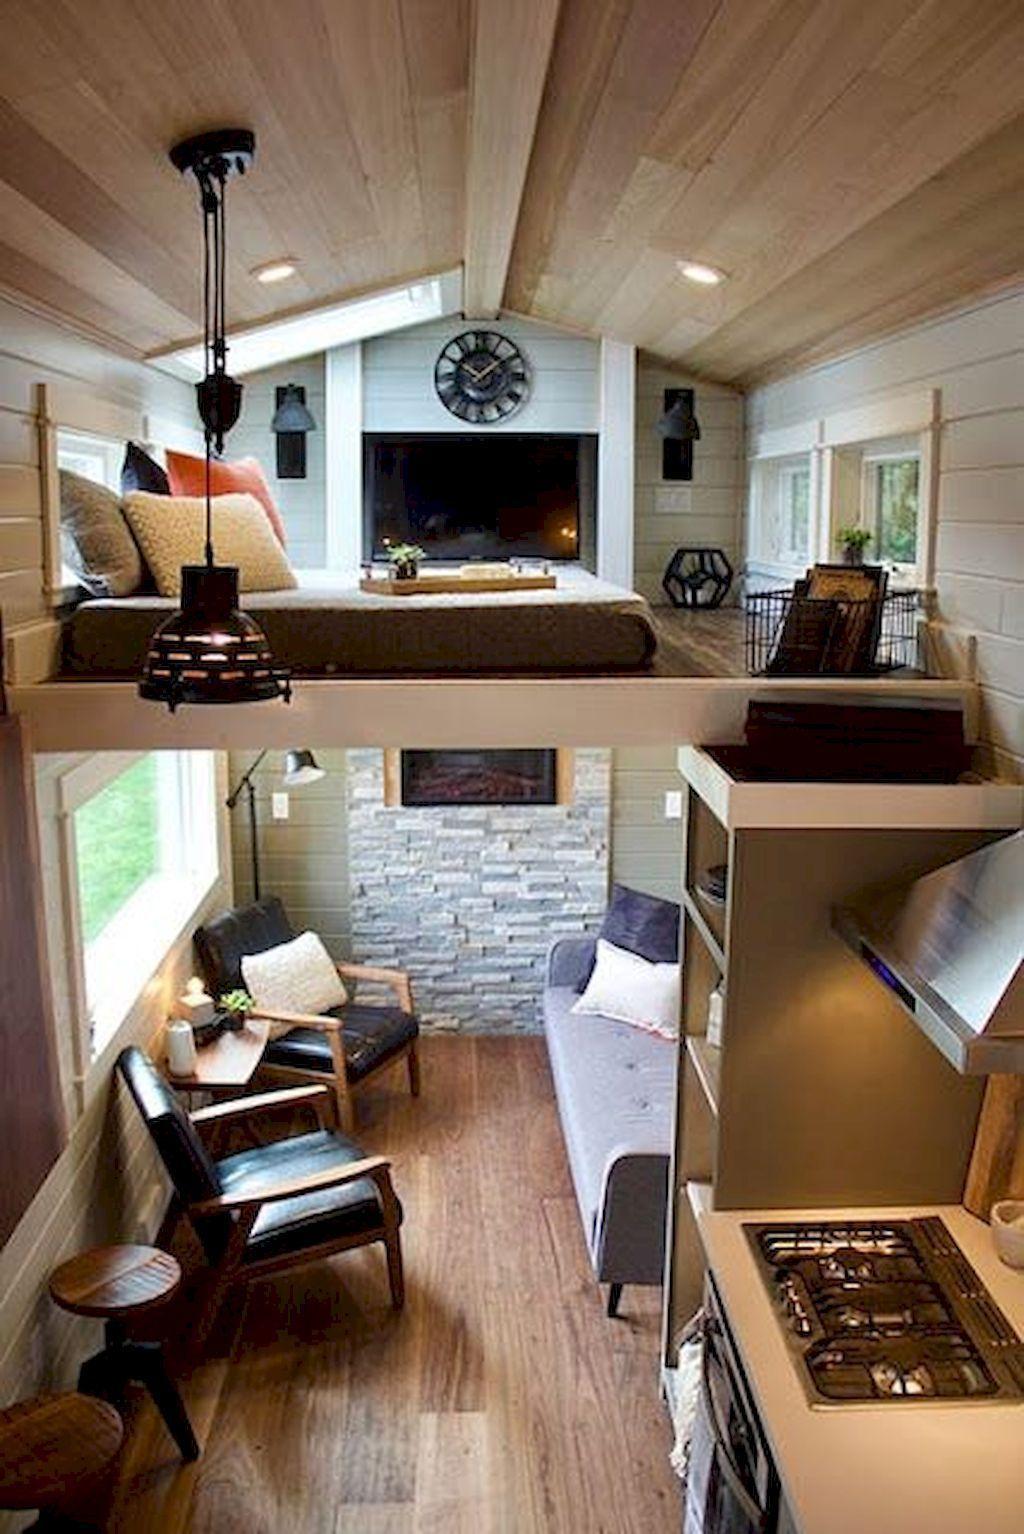 Iny House Living Room Decor Ideas 24 Tiny House Living Room Tiny House Interior Tiny House Living #tiny #house #living #room #ideas